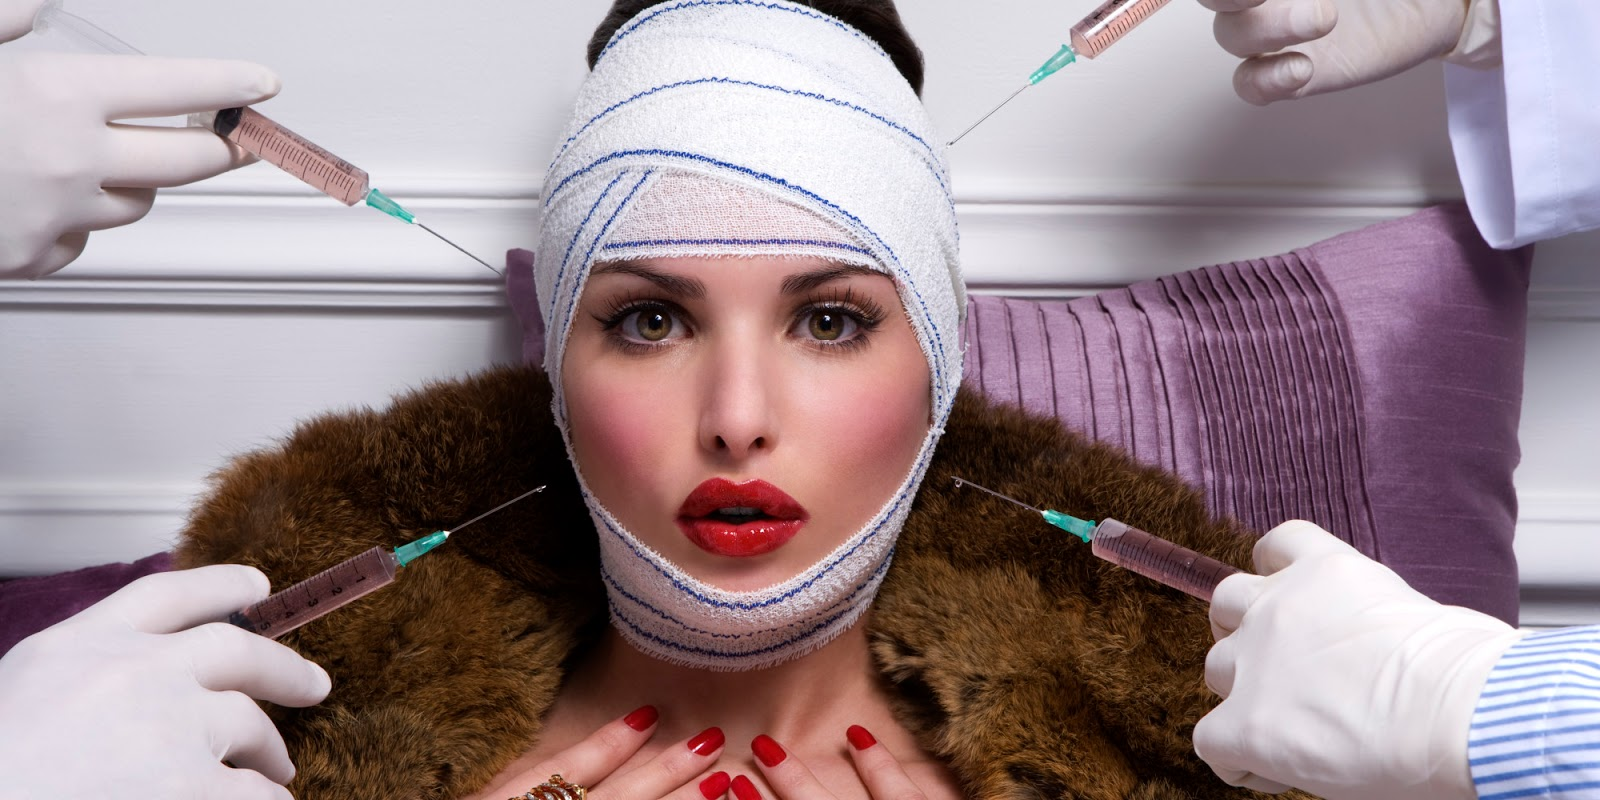 Ανέκδοτο: Μια κύρια επισκέπτεται τον γιατρό της καθώς ενδιαφέρεται να κάνει λίφτινγκ στο πρόσωπο …! Τρελό γέλιο